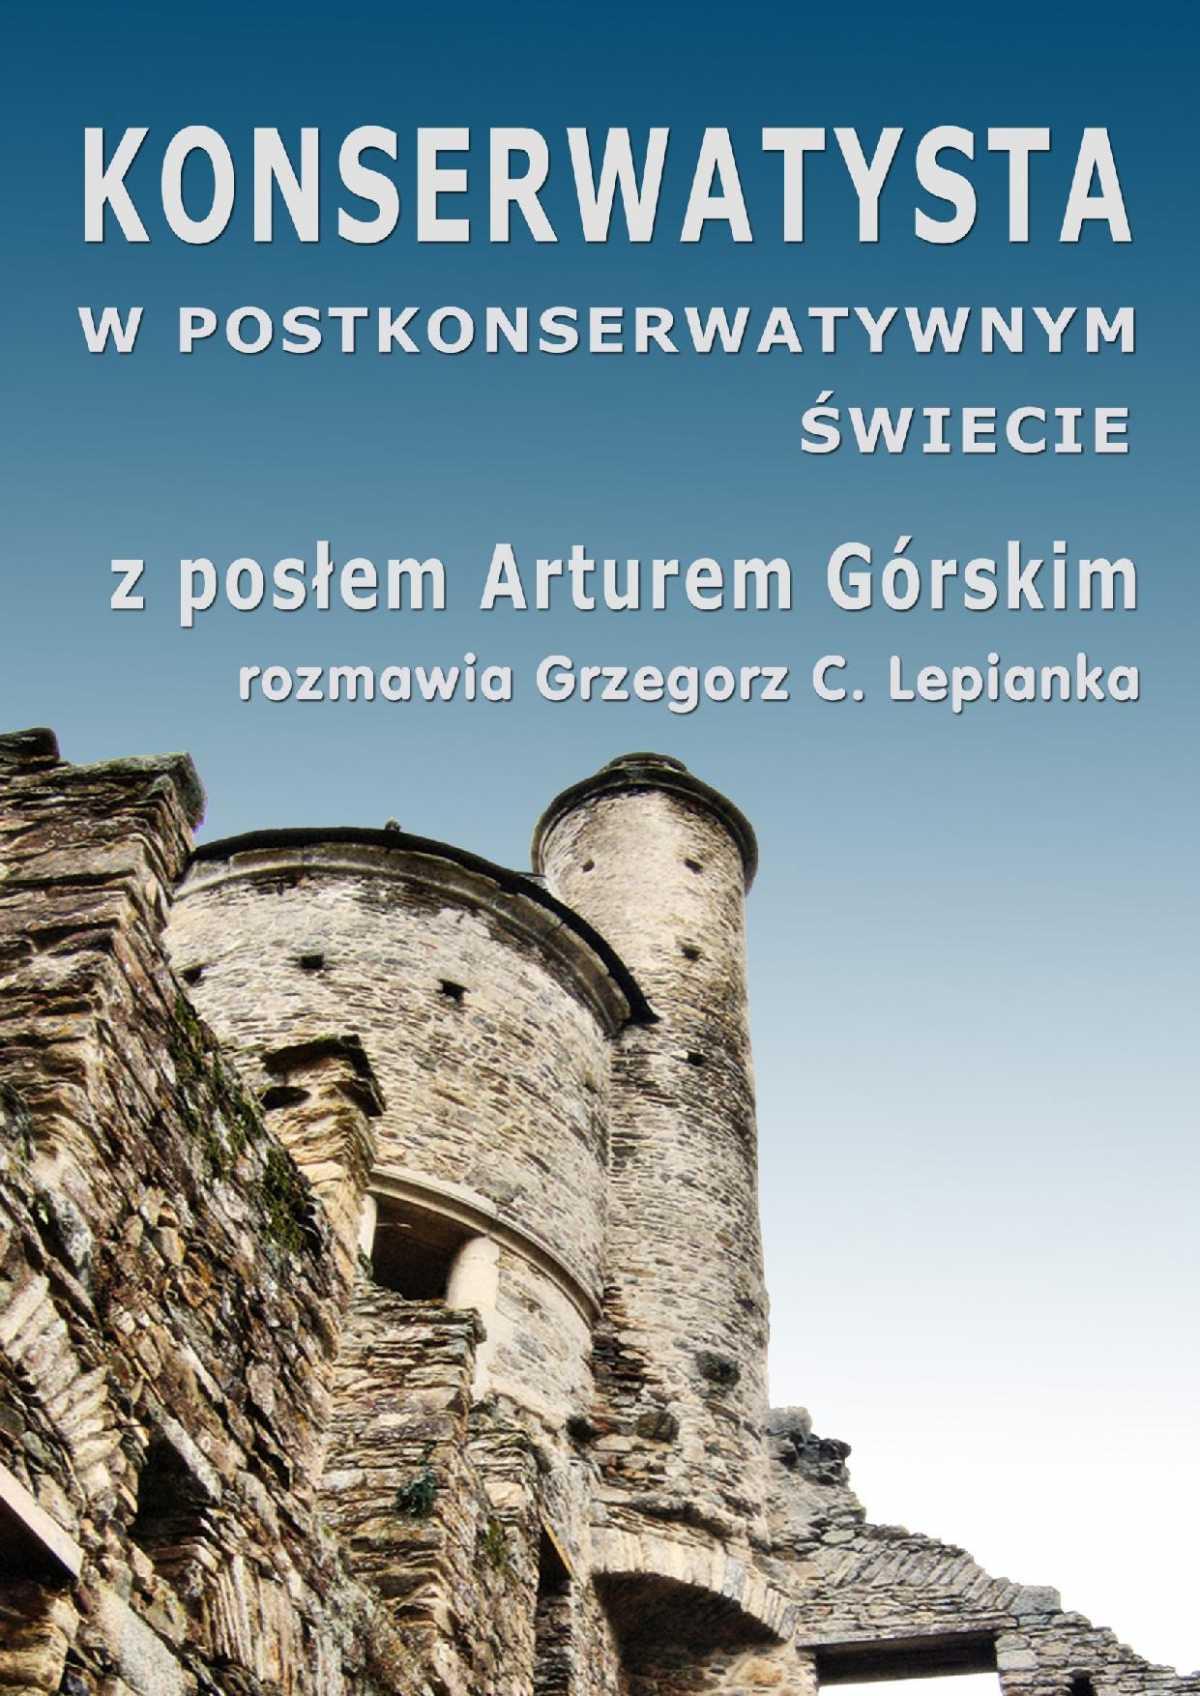 Konserwatysta w postkonserwatywnym świecie - Ebook (Książka PDF) do pobrania w formacie PDF